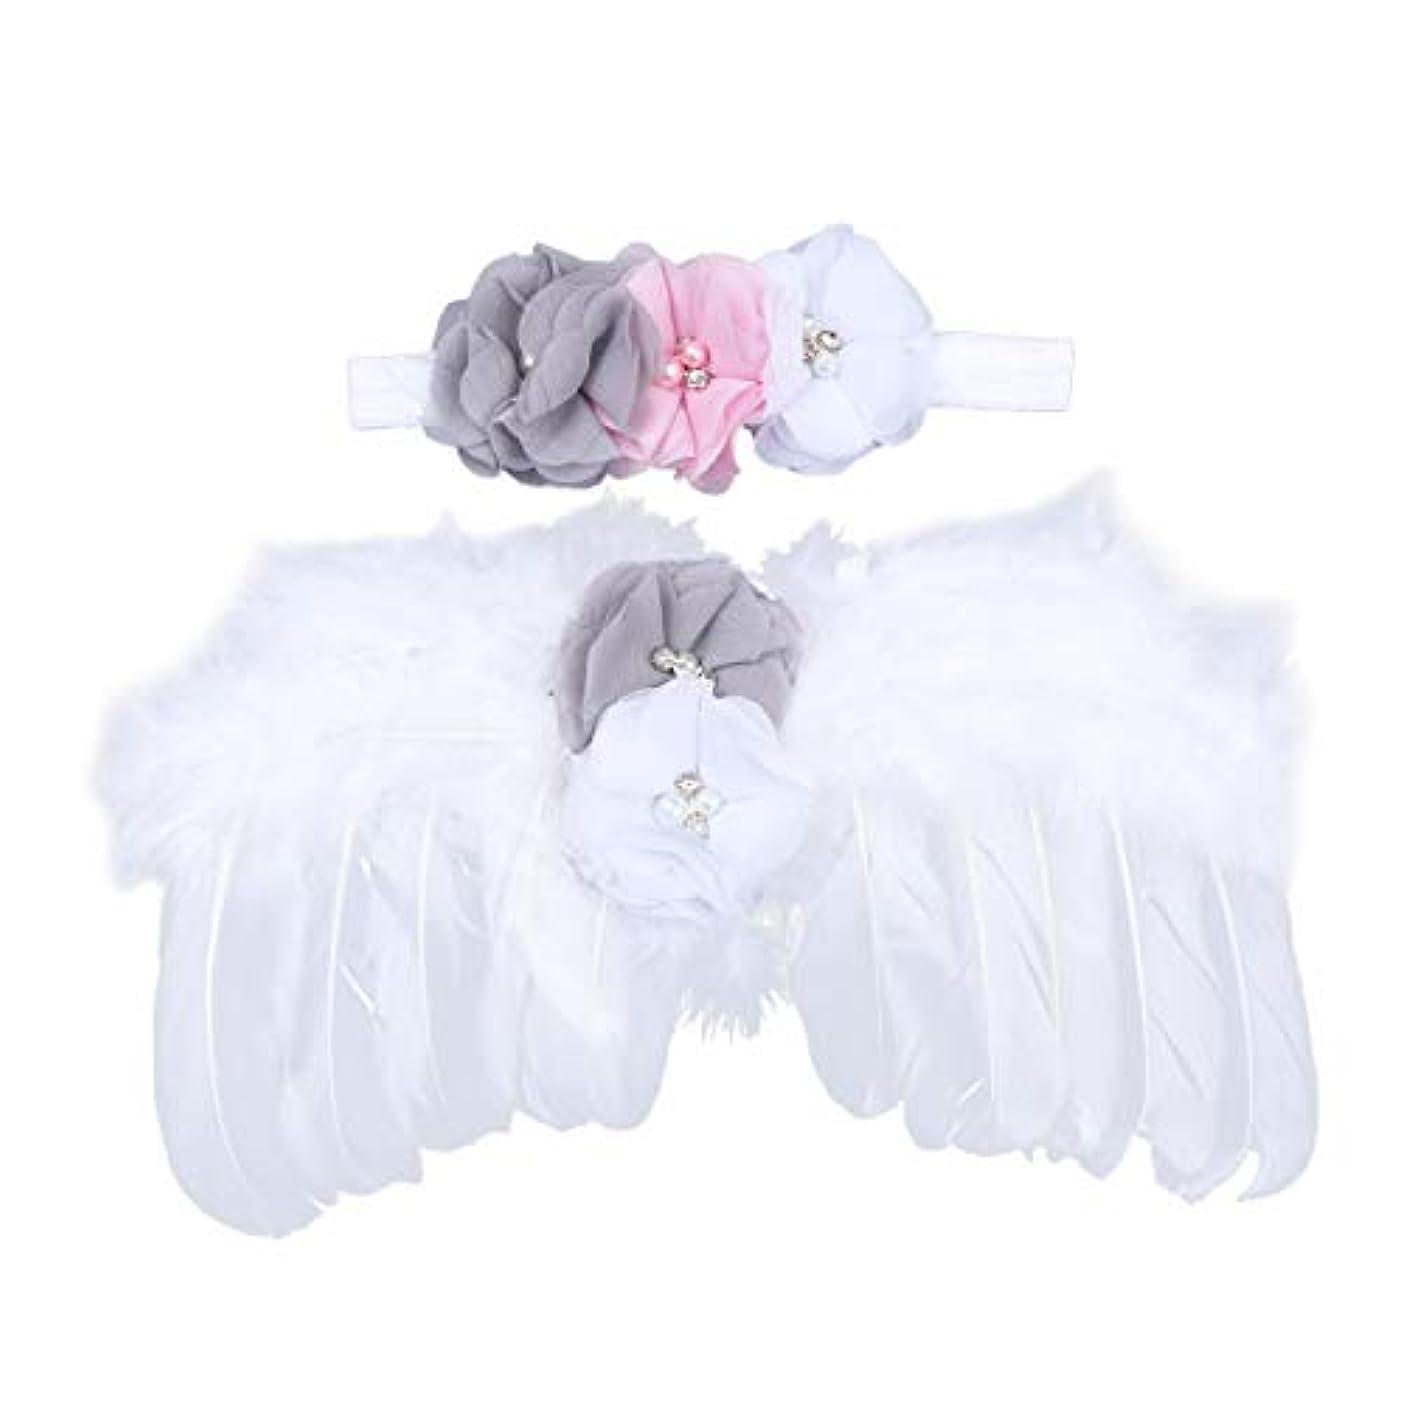 番目製造に対応するNUOBESTY 生まれたばかりの赤ちゃんの写真の小道具羽天使の羽と花のヘッドバンドセット赤ちゃん髪アクセサリー写真小道具衣装(白)